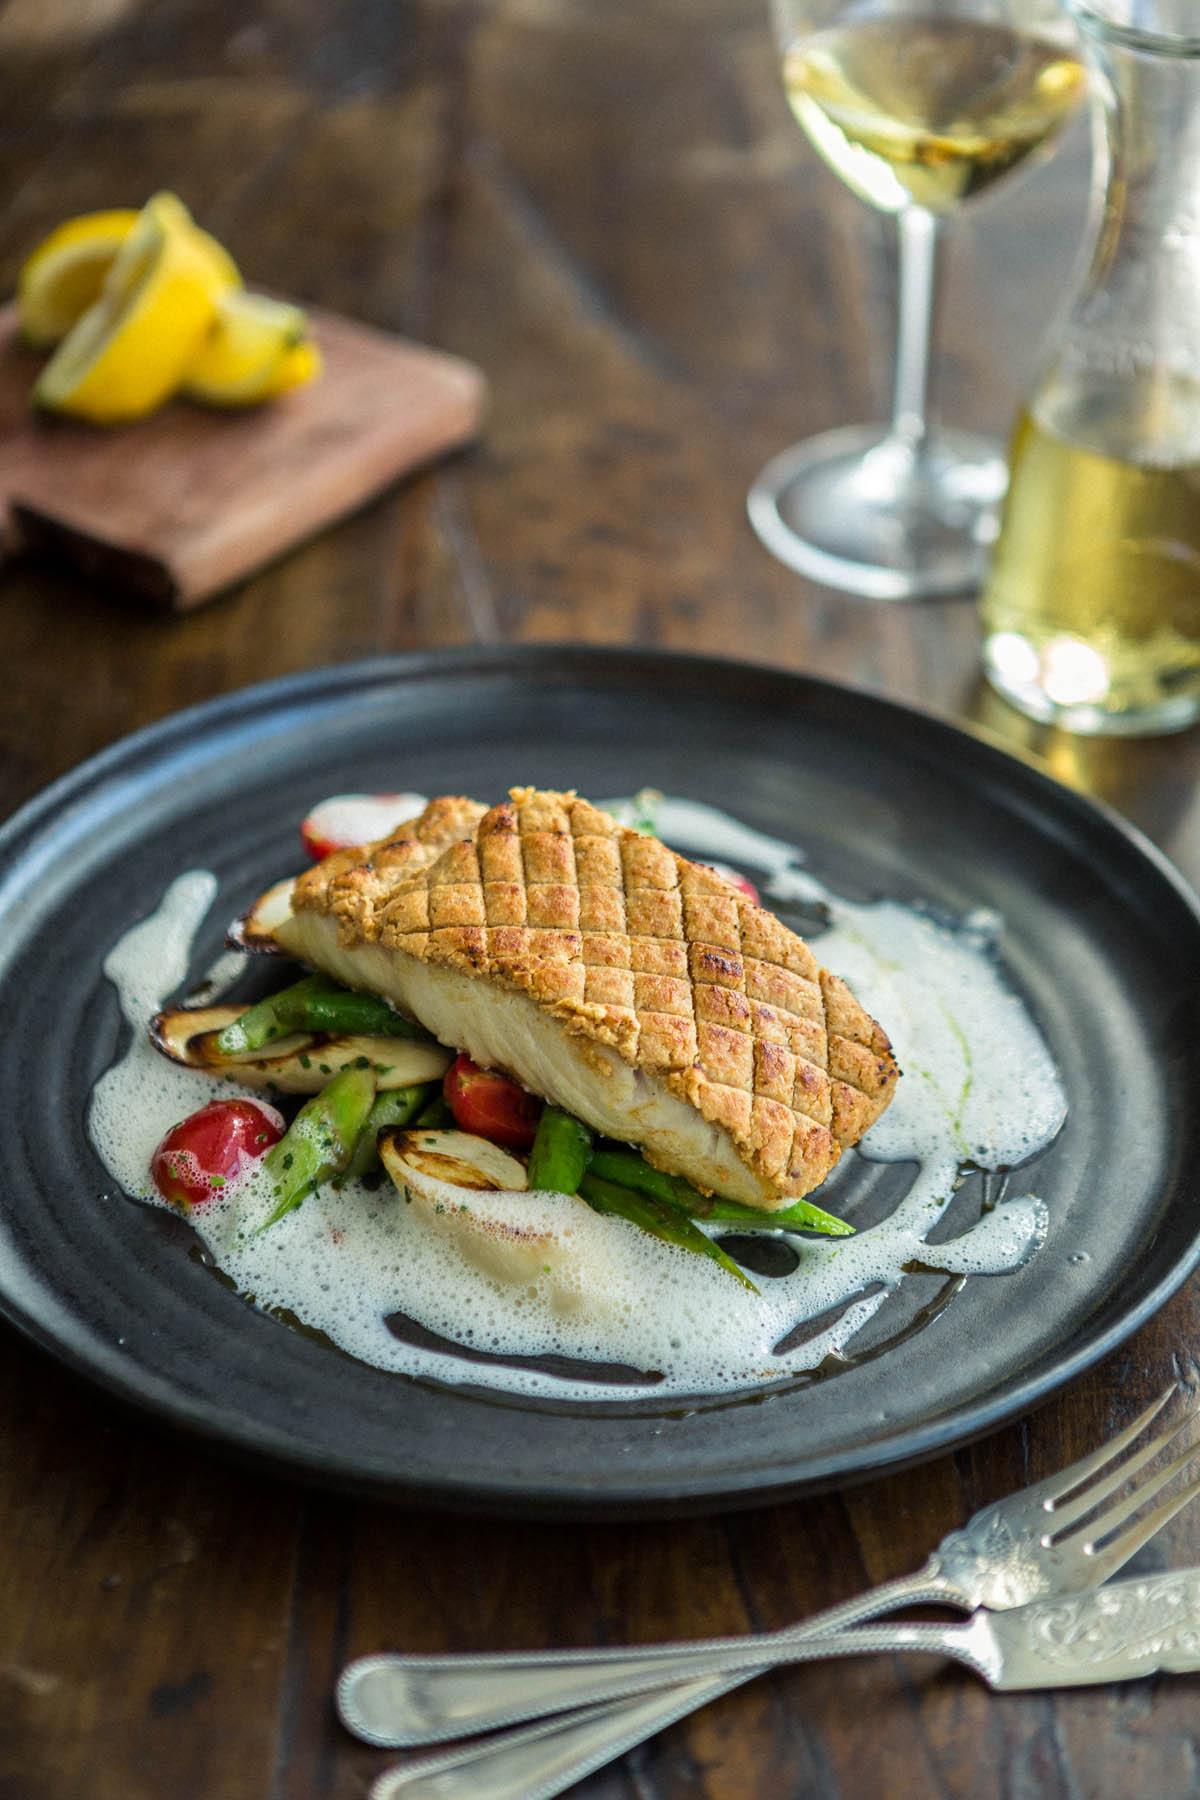 Foto de Cardápio, Robalo fresco grelhado em crosta de amêndoas, aspargos e sauté de pupunha ao molho de limão siciliano